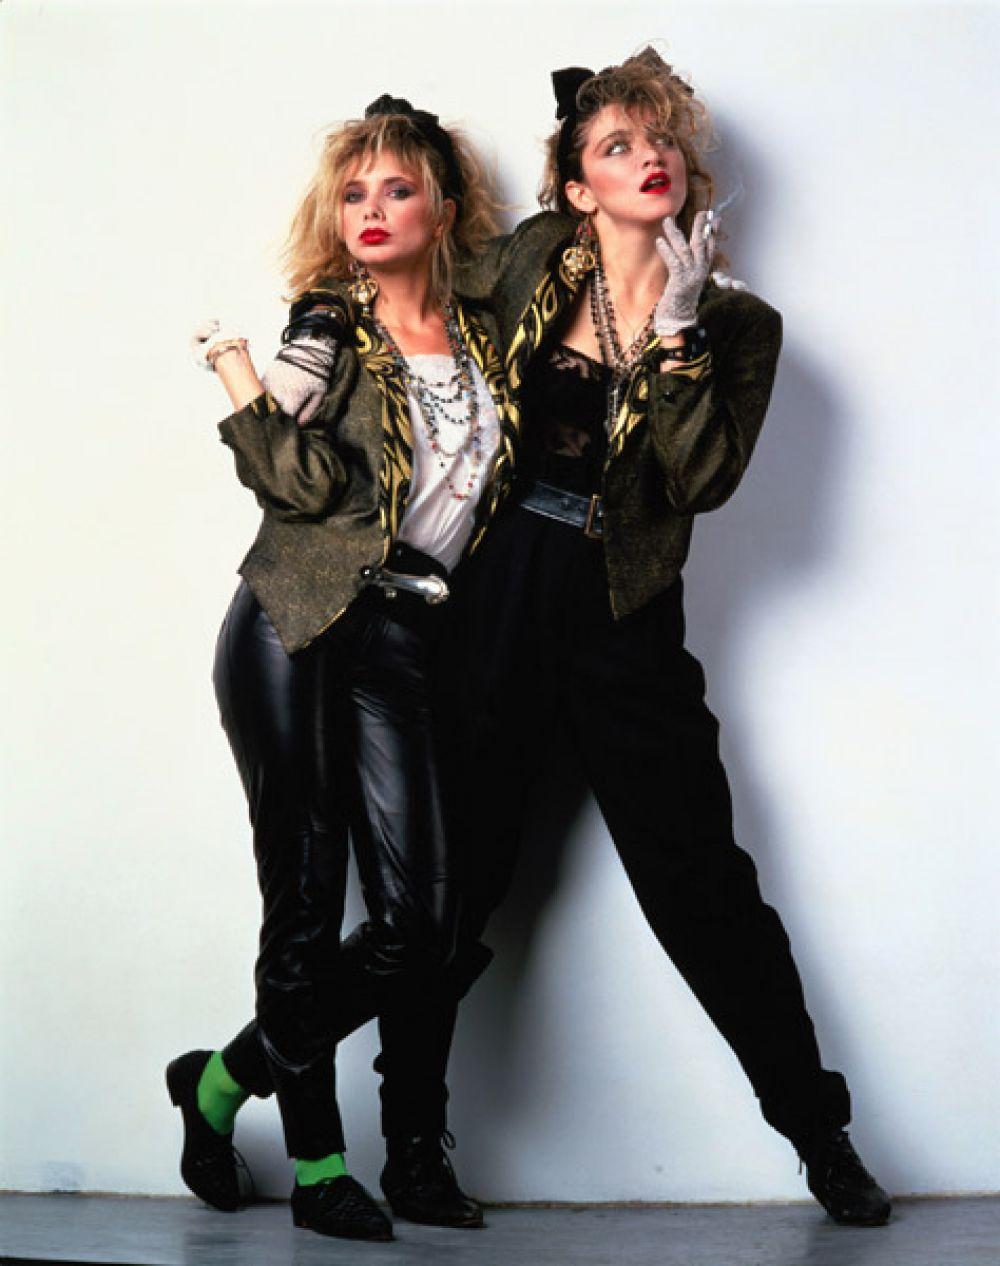 Первый концертный тур Мадонны вызвал «мадонноманию»: американские девочки массово одевались в стиле ее героини из фильма «Отчаянно ищу Сьюзен» (1985).